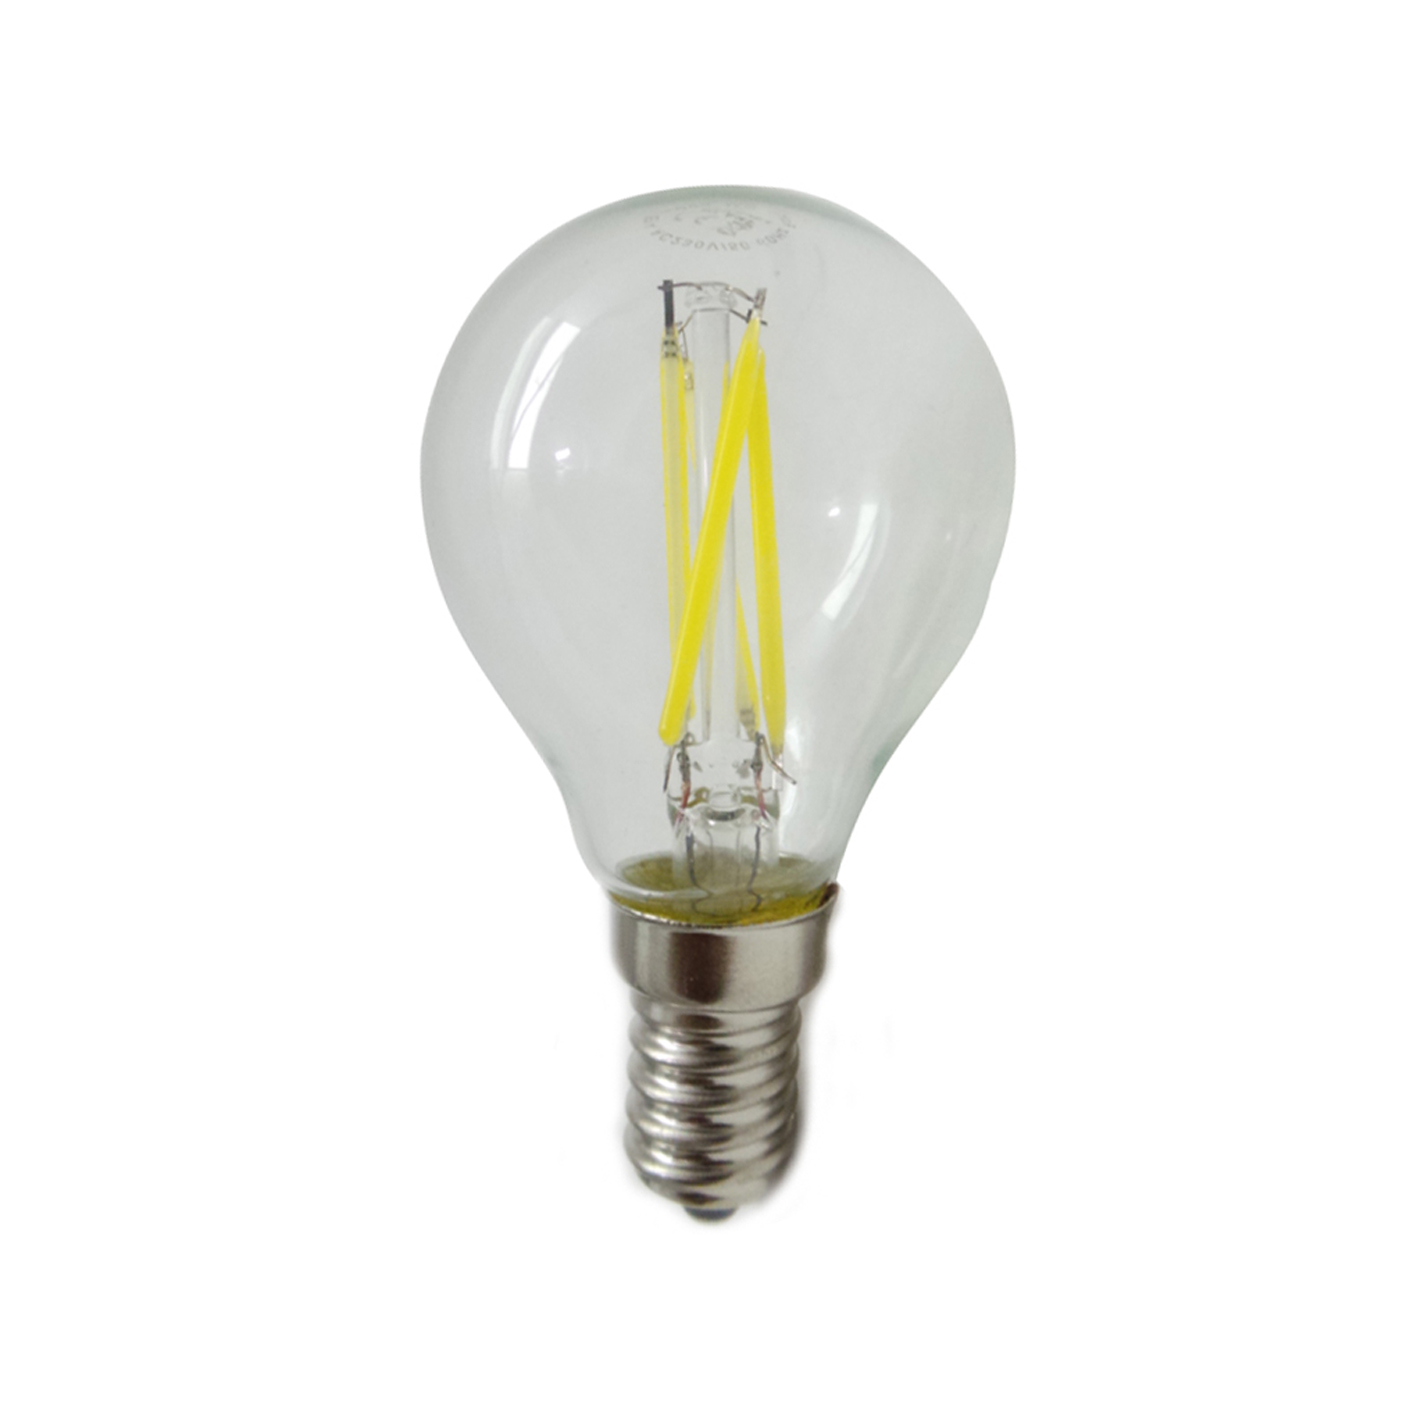 Mengs 4pz Lampadine A Led E14 1w Lampada Led Bianca Calda 3000k 120 Angolo Ac 220 240v Luce A Led Lampadine A Risparmio Energetico Amazon It Illuminazione